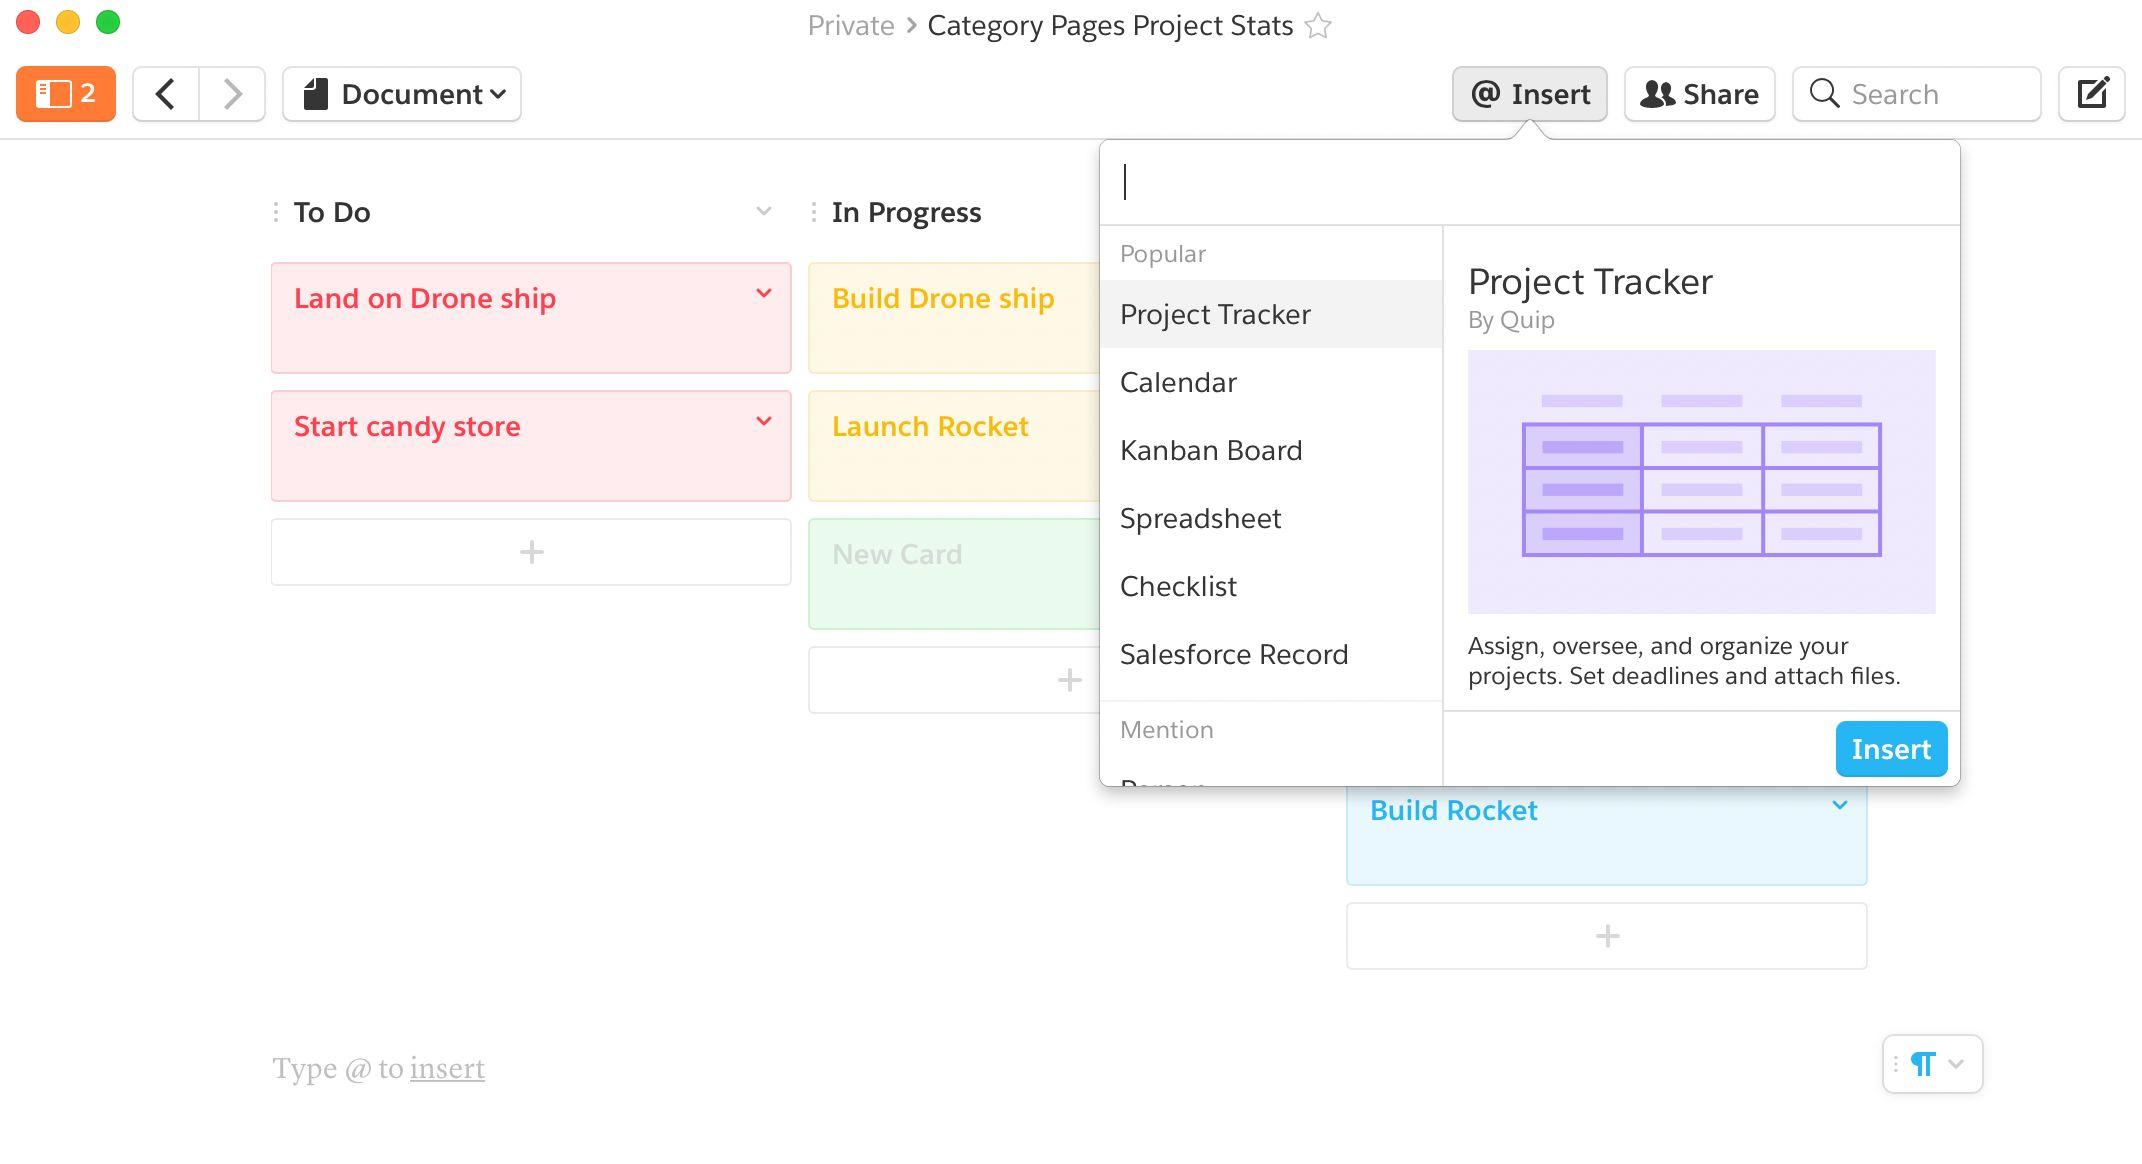 Quip app features